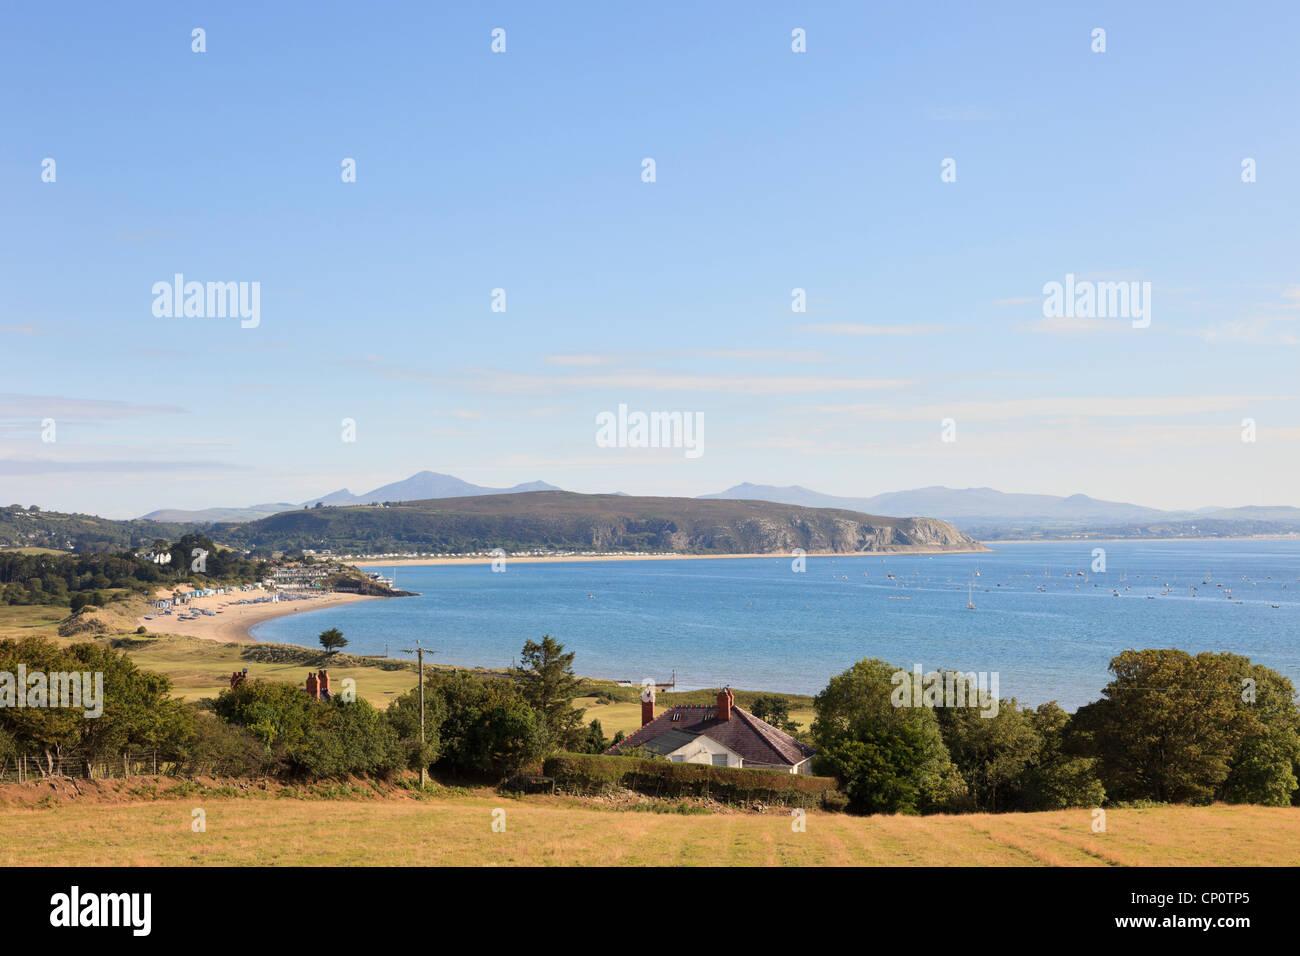 View of Cardigan Bay coastline. Abersoch, Lleyn Peninsula, Gwynedd, North Wales, UK, Britain - Stock Image